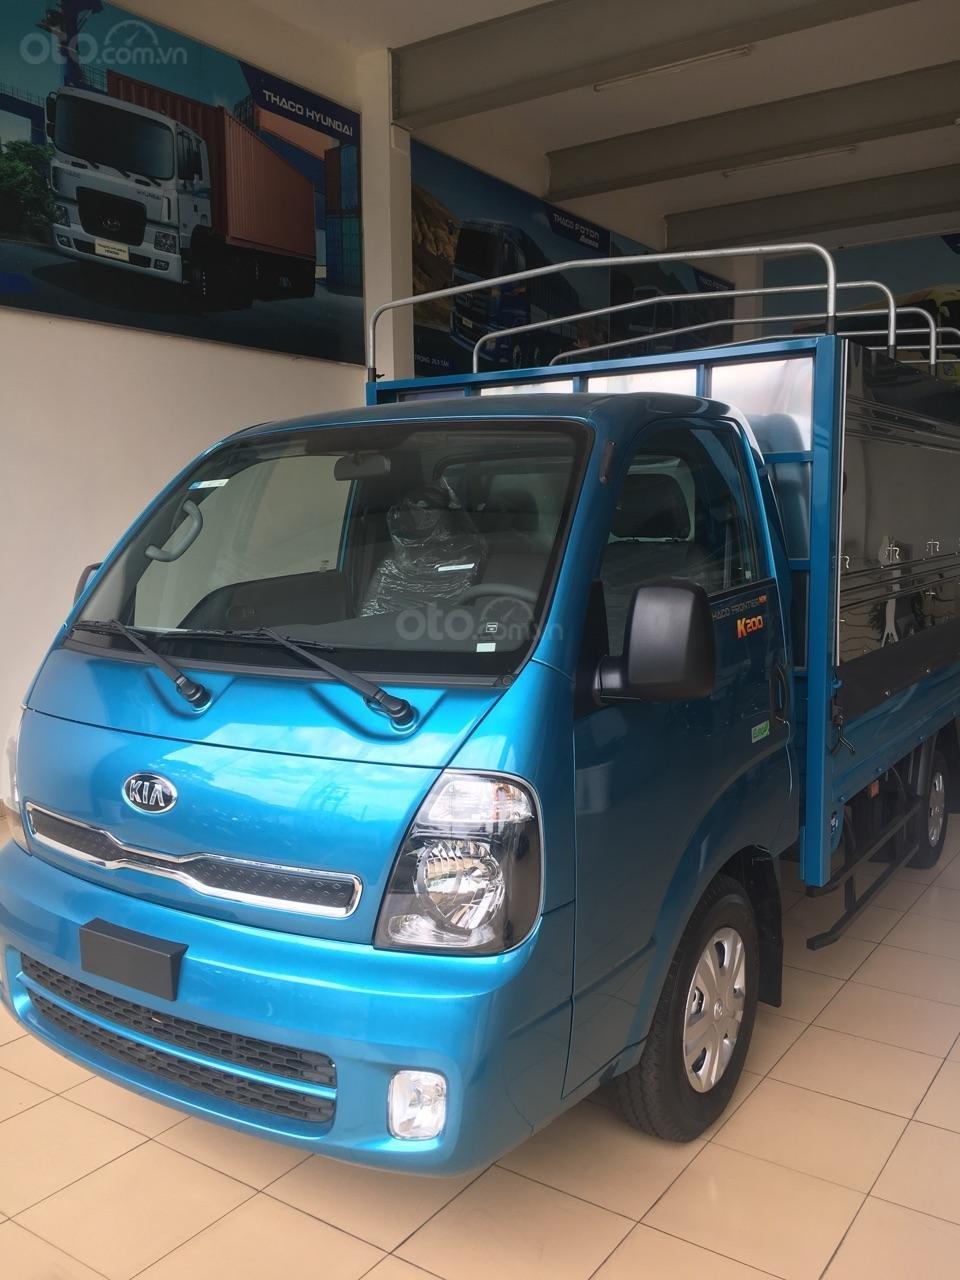 Bán xe tải Kia K250 thùng dài 3,5 mét tải hàng 2,49 tấn ''đời 2019'' tại Bình Dương. Hỗ trợ trả góp lãi suất thấp-1